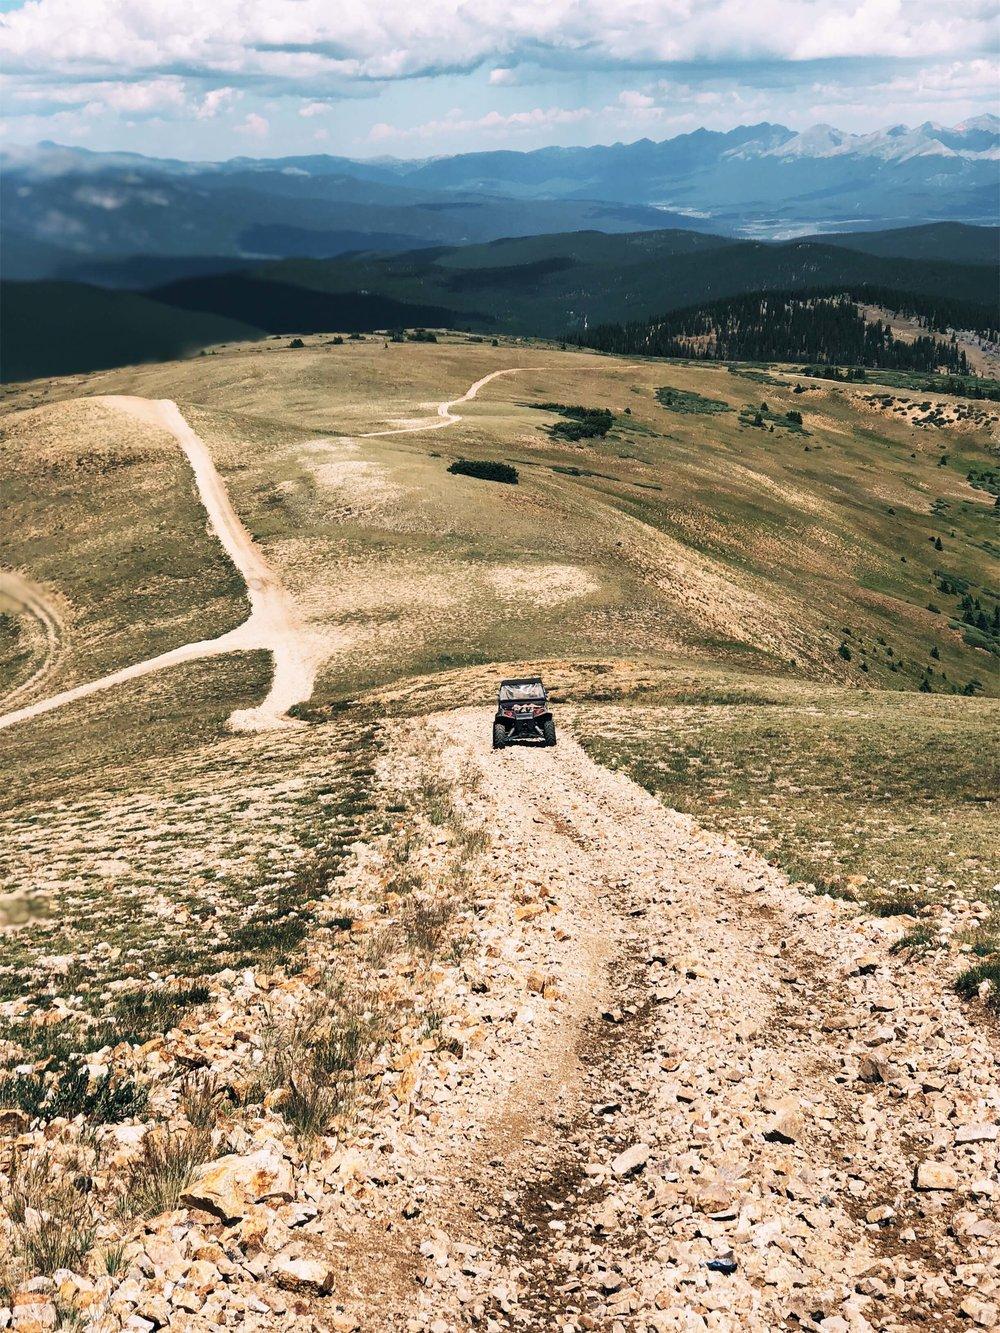 ATVing in mountains Buena Vista